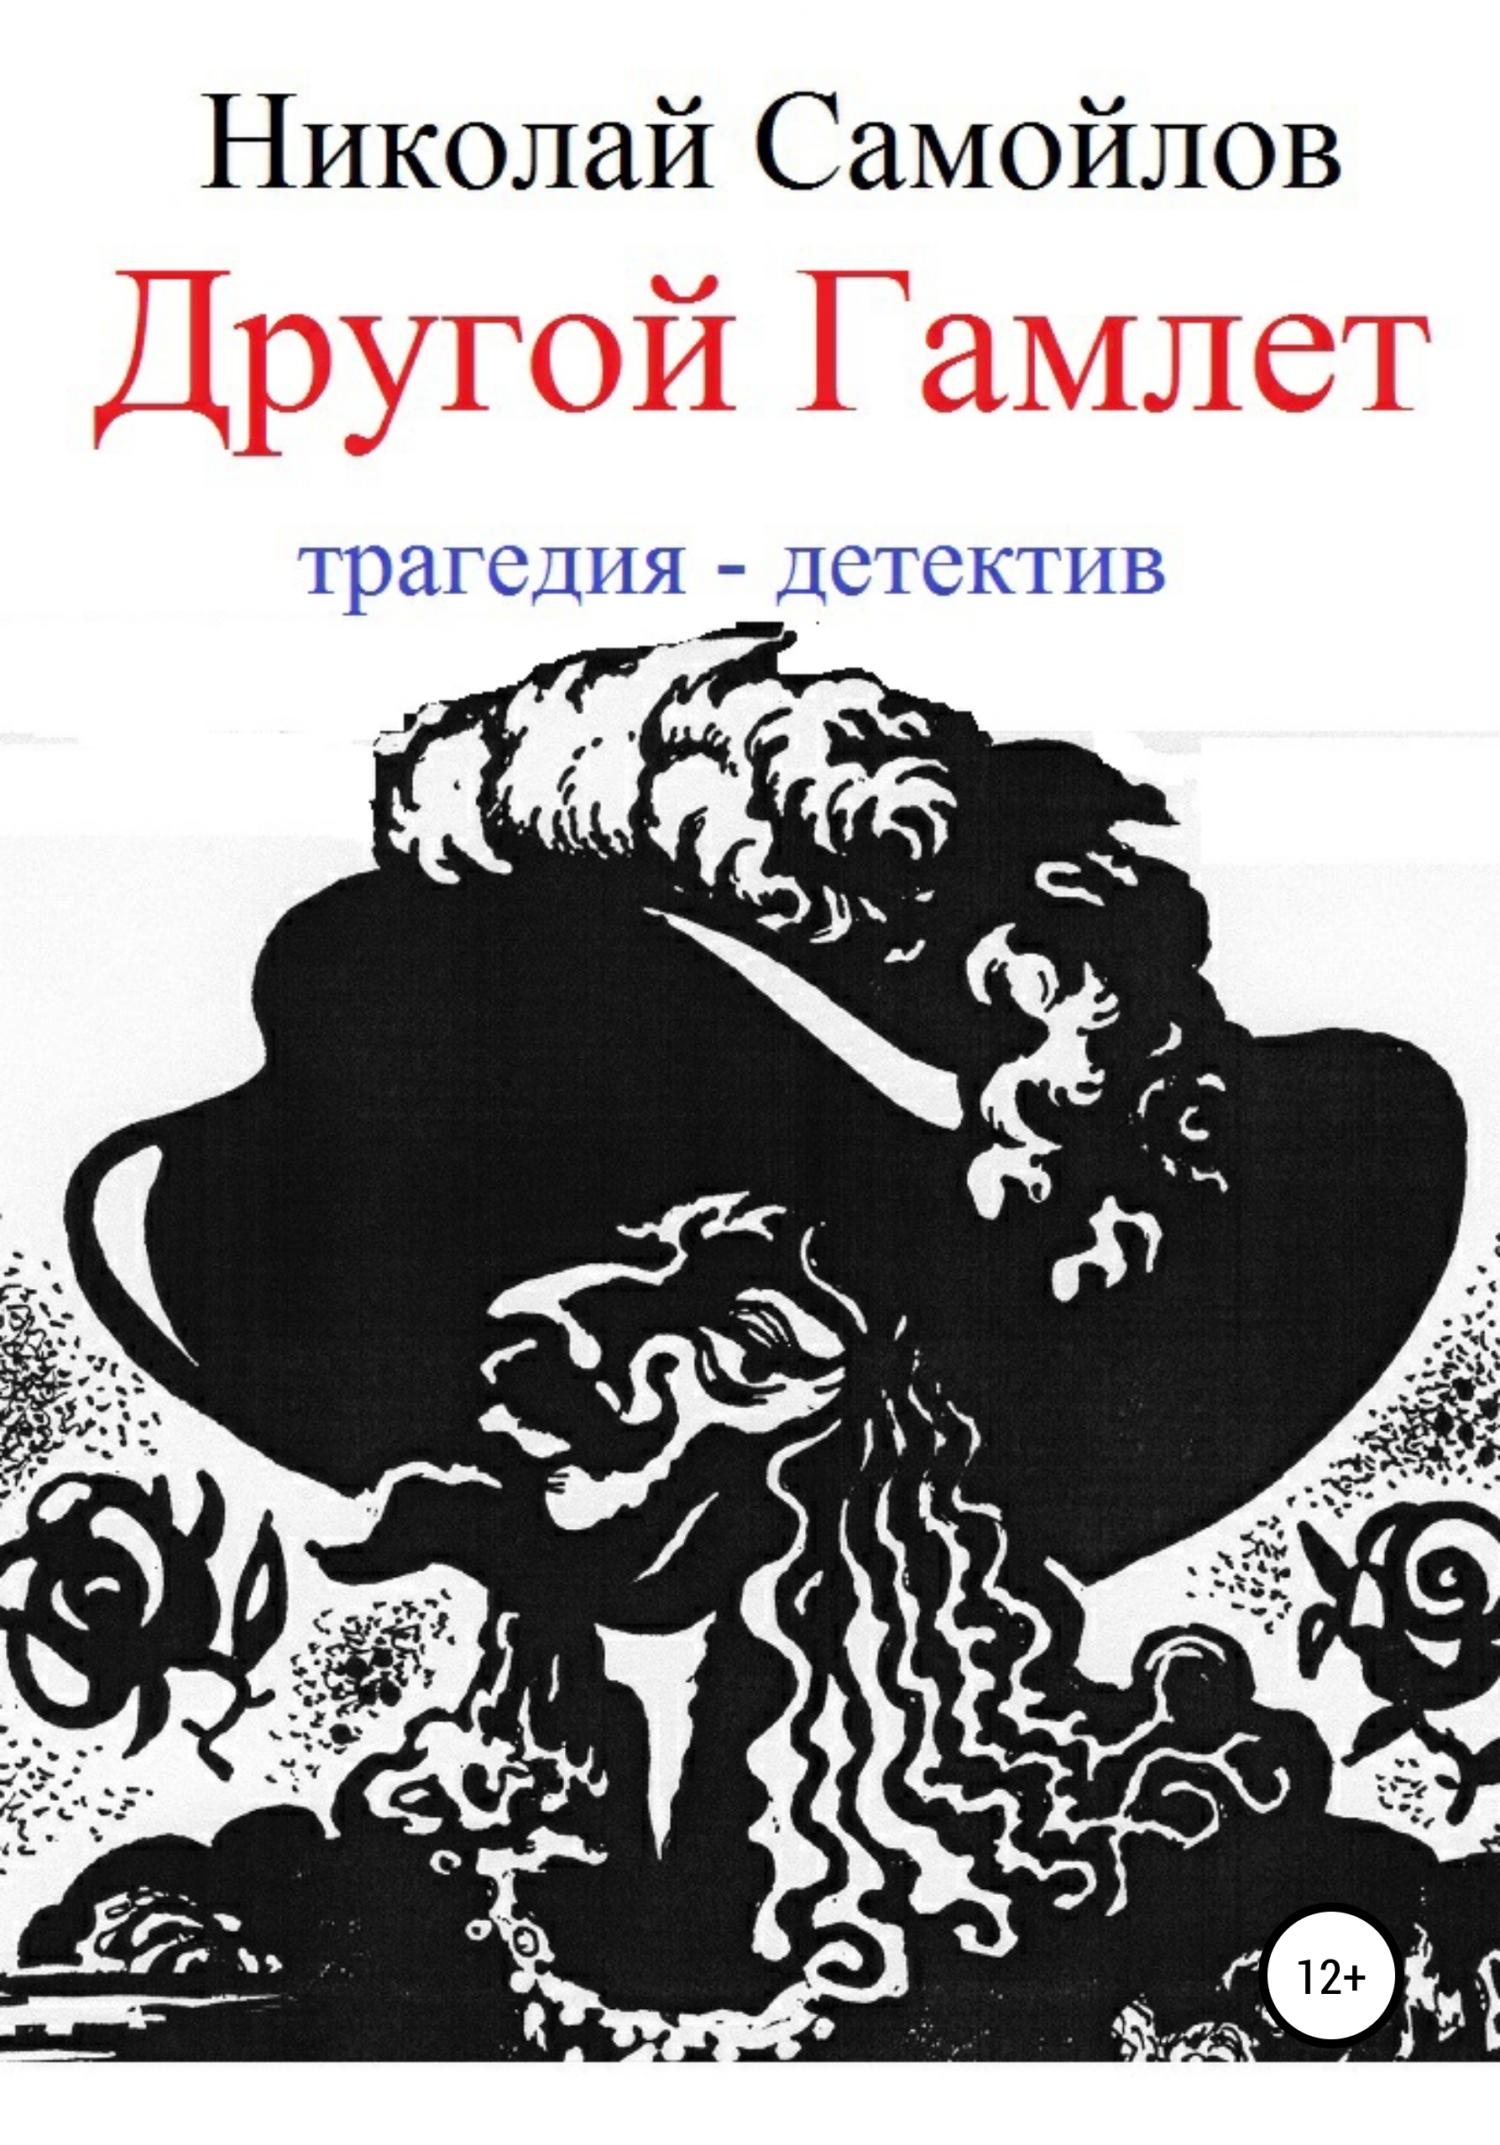 Купить книгу Новый Гамлет, автора Николая Николаевича Самойлова